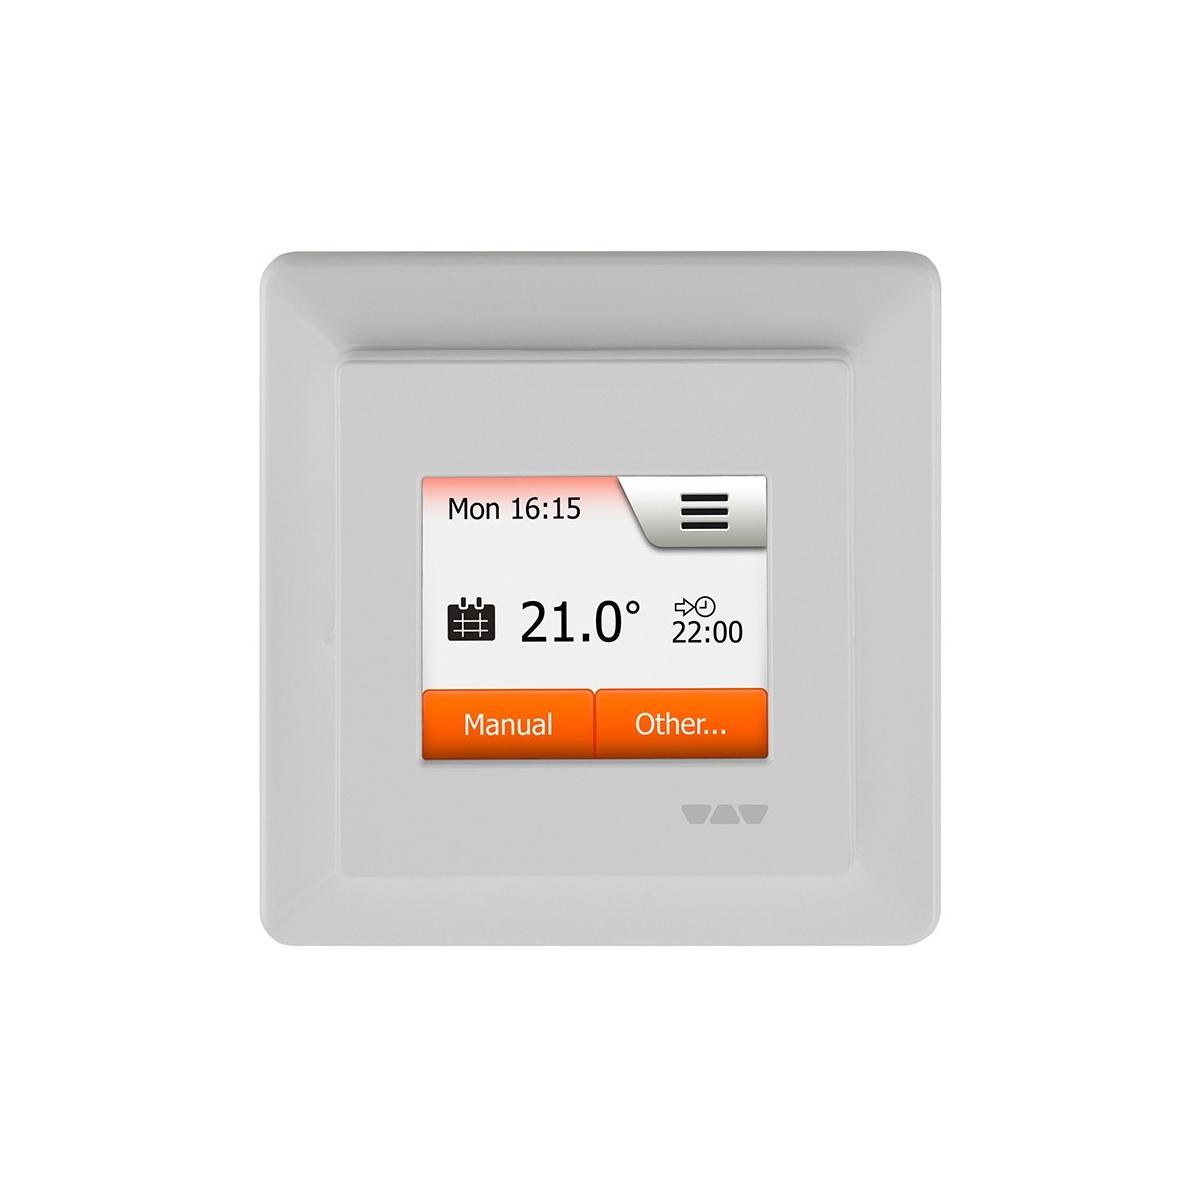 Suelo radiante mediante electricidad y termostato digital regulable y programable